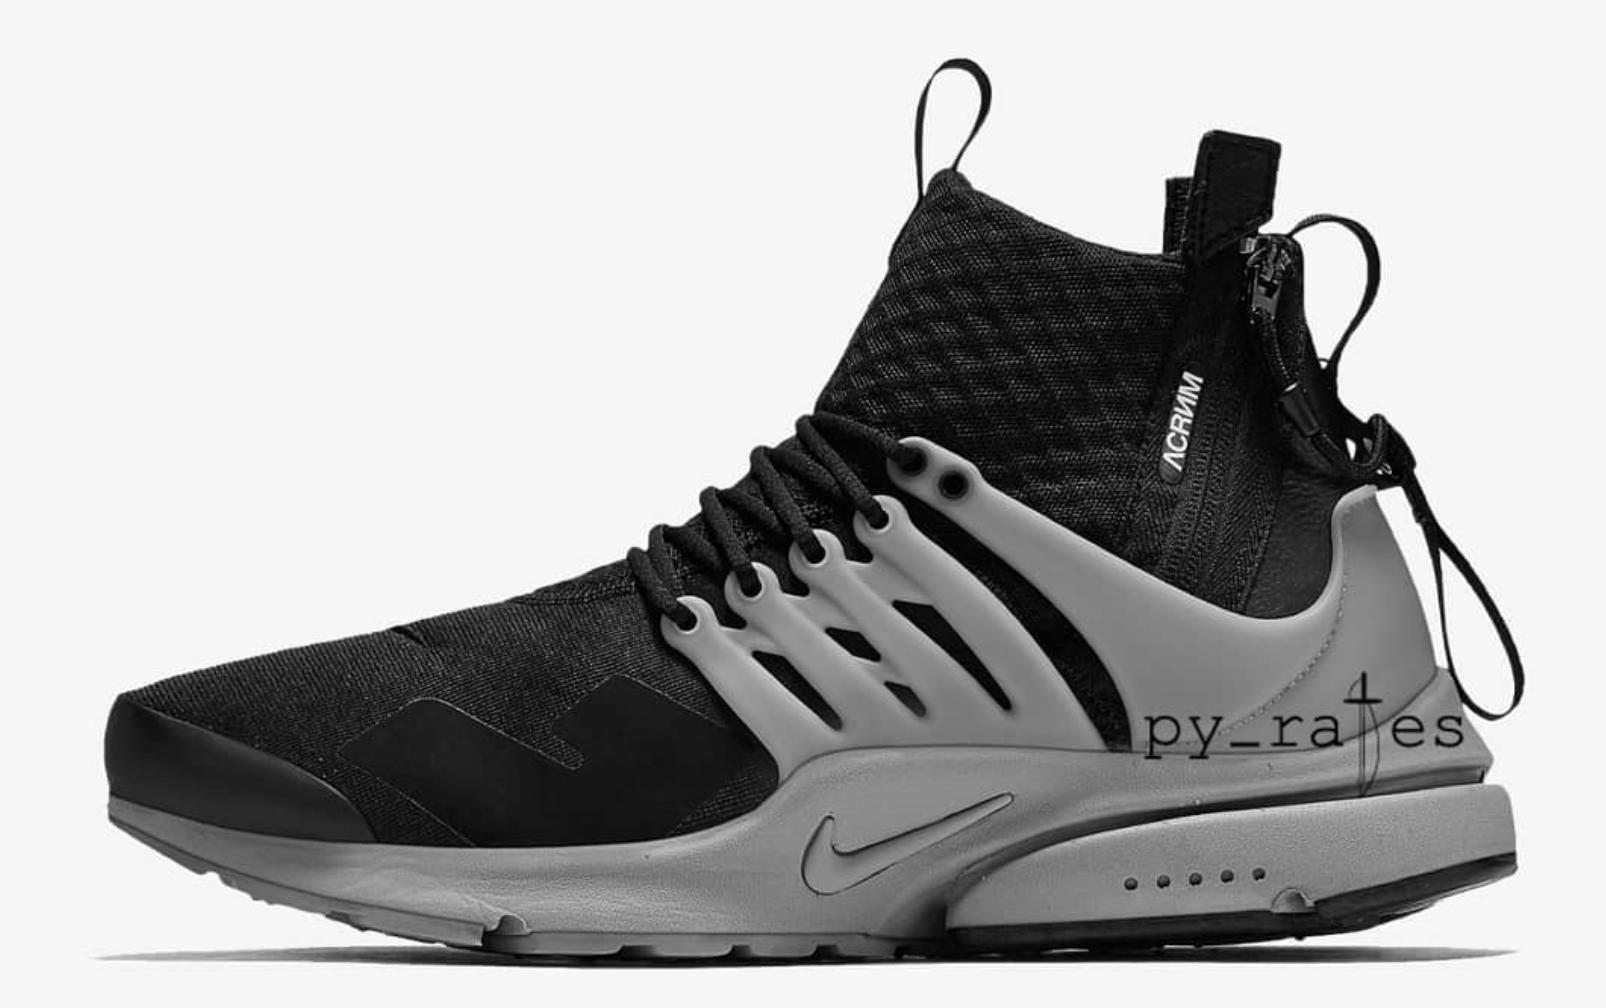 89a1bd1a270b Acronym x Nike Presto Mid 2018 Collaboration